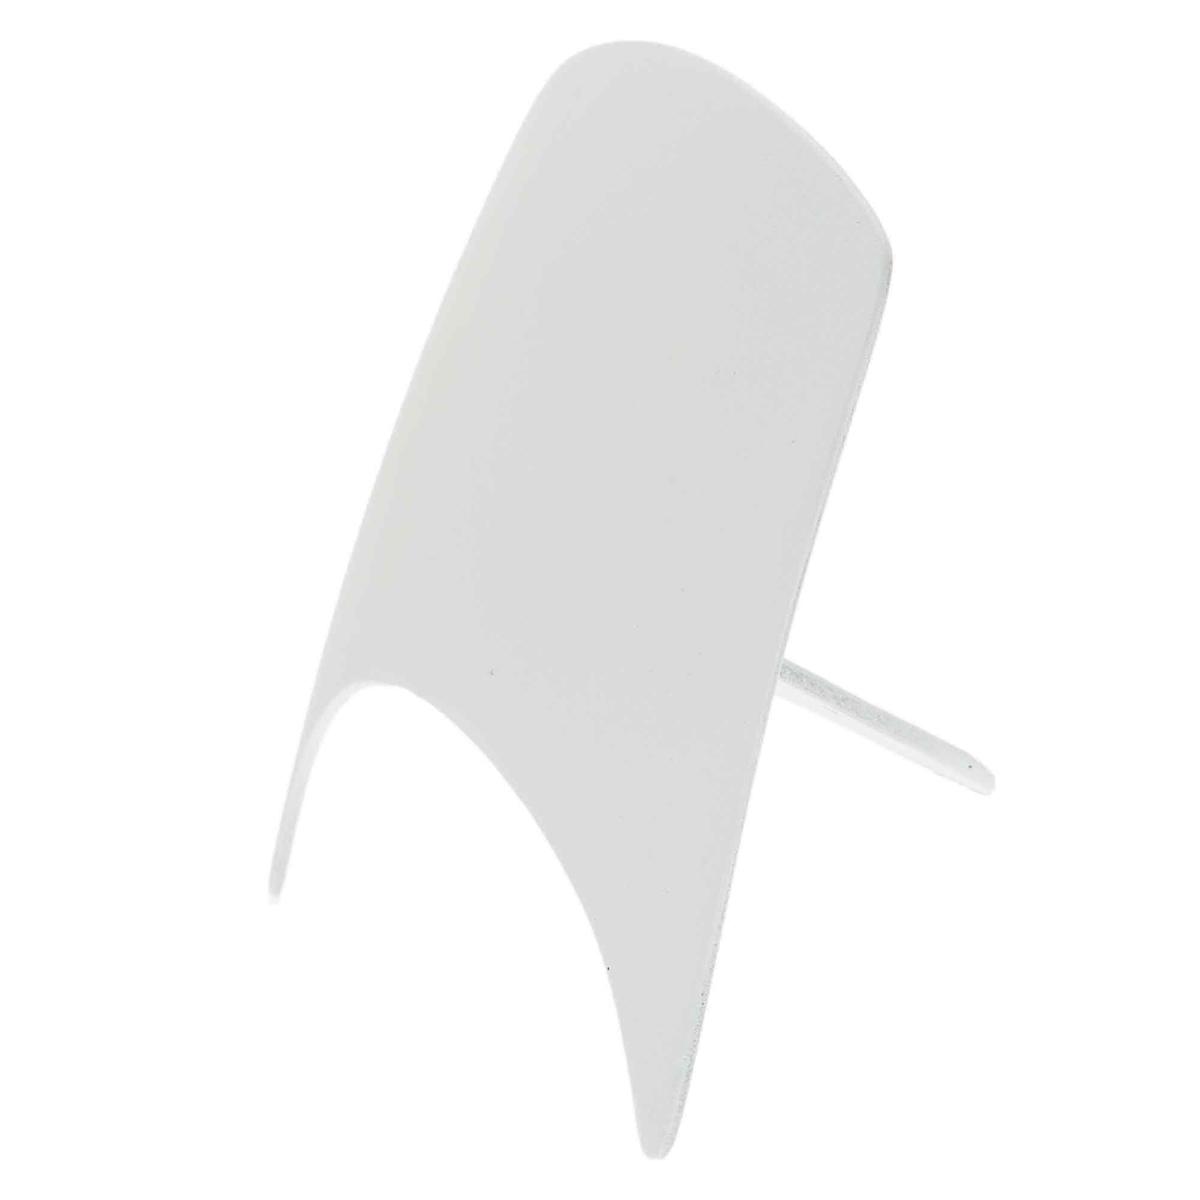 f:id:Culturevolt:20200404213316j:plain